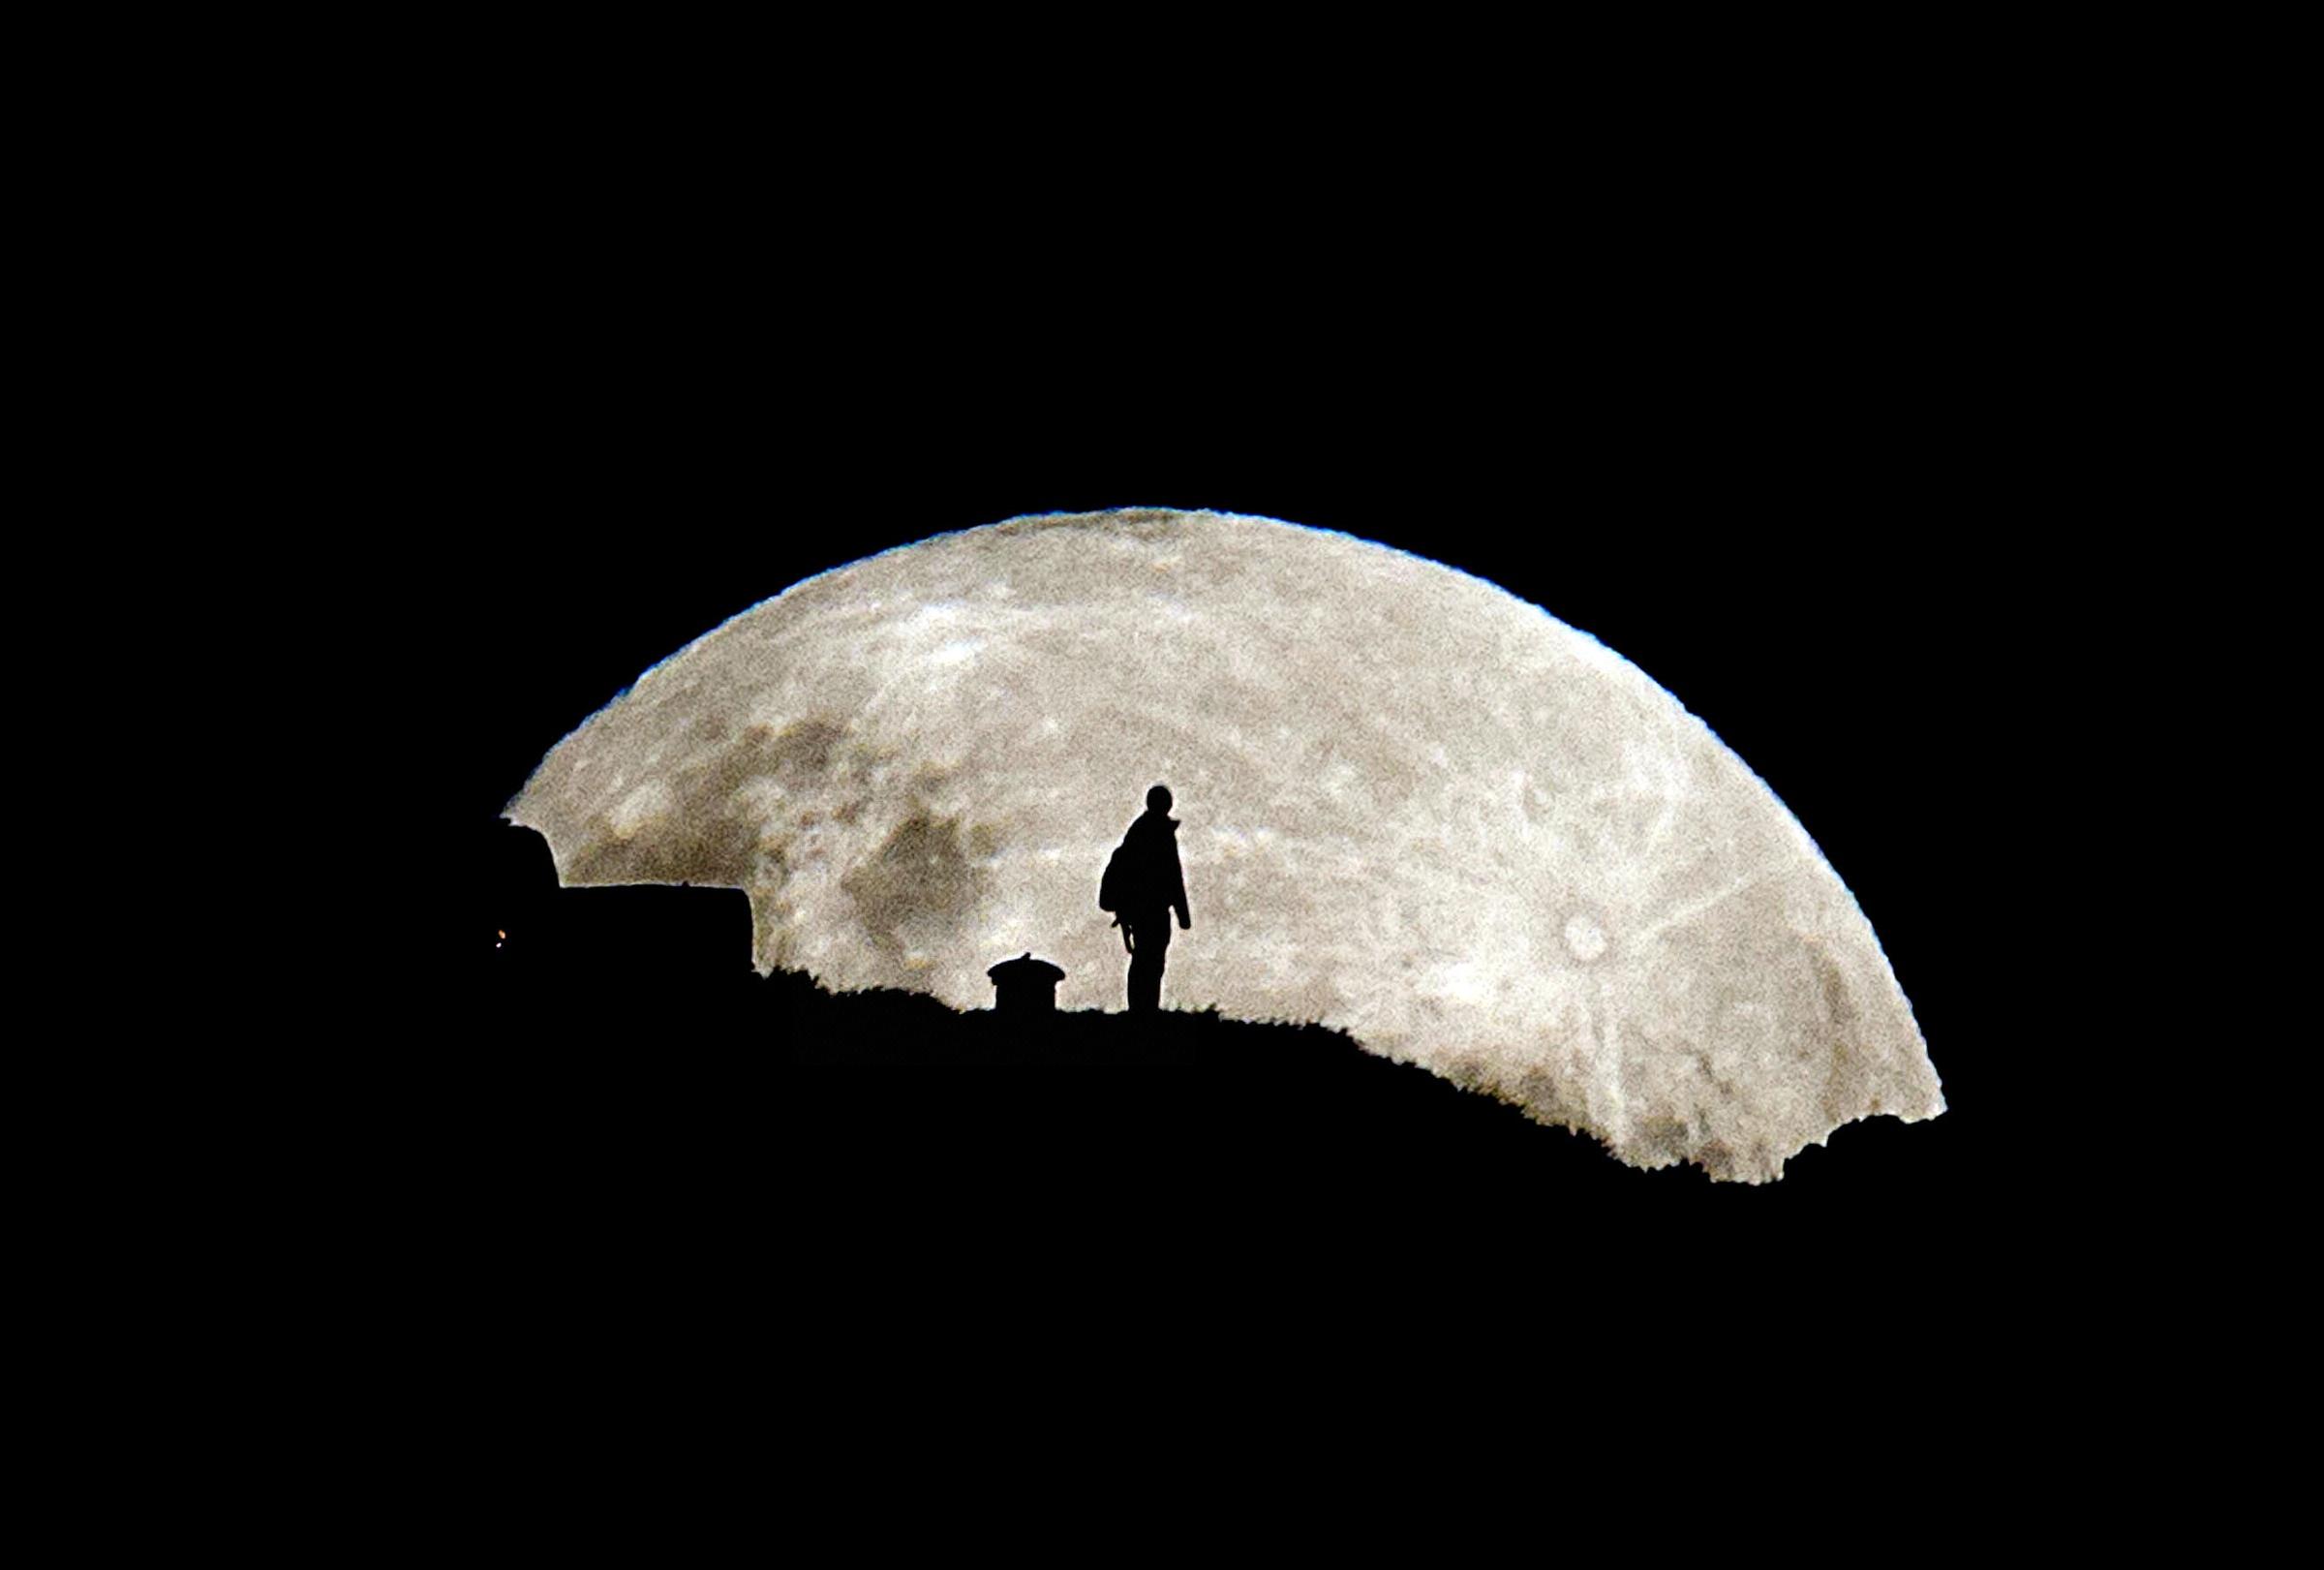 日媒:日本开发首个载人月球着陆器 着眼参与美月球基地